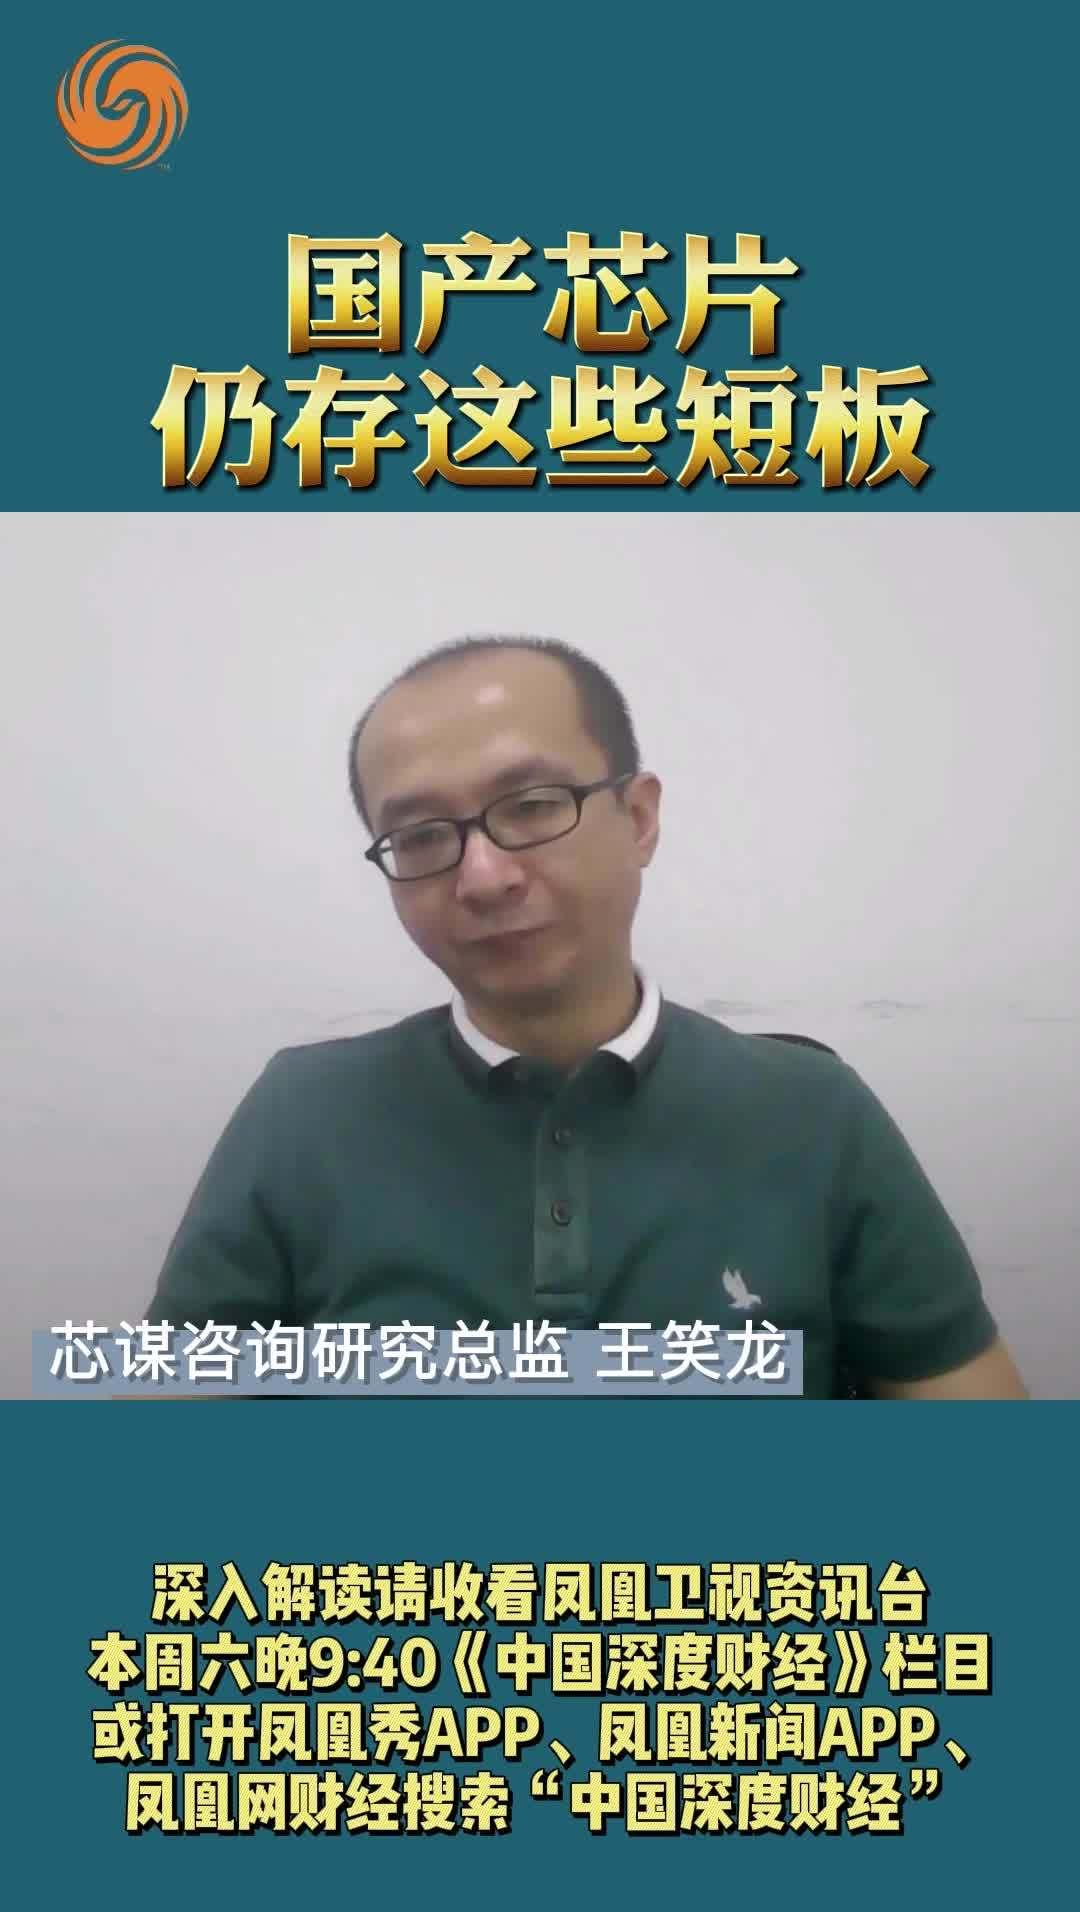 王笑龙:国产芯片仍存这些短板